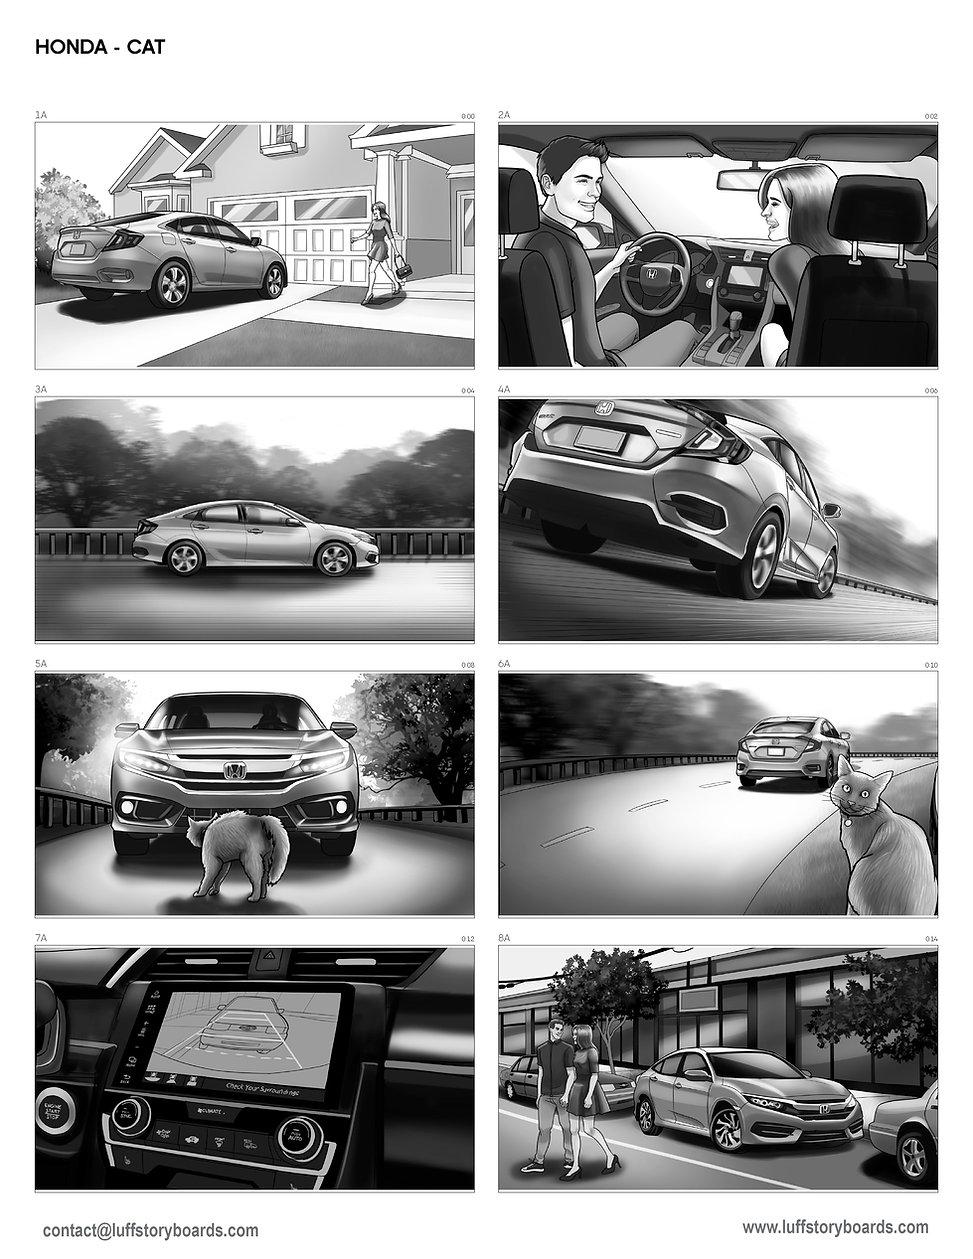 Honda - Cat_Luffstoryboards.jpg